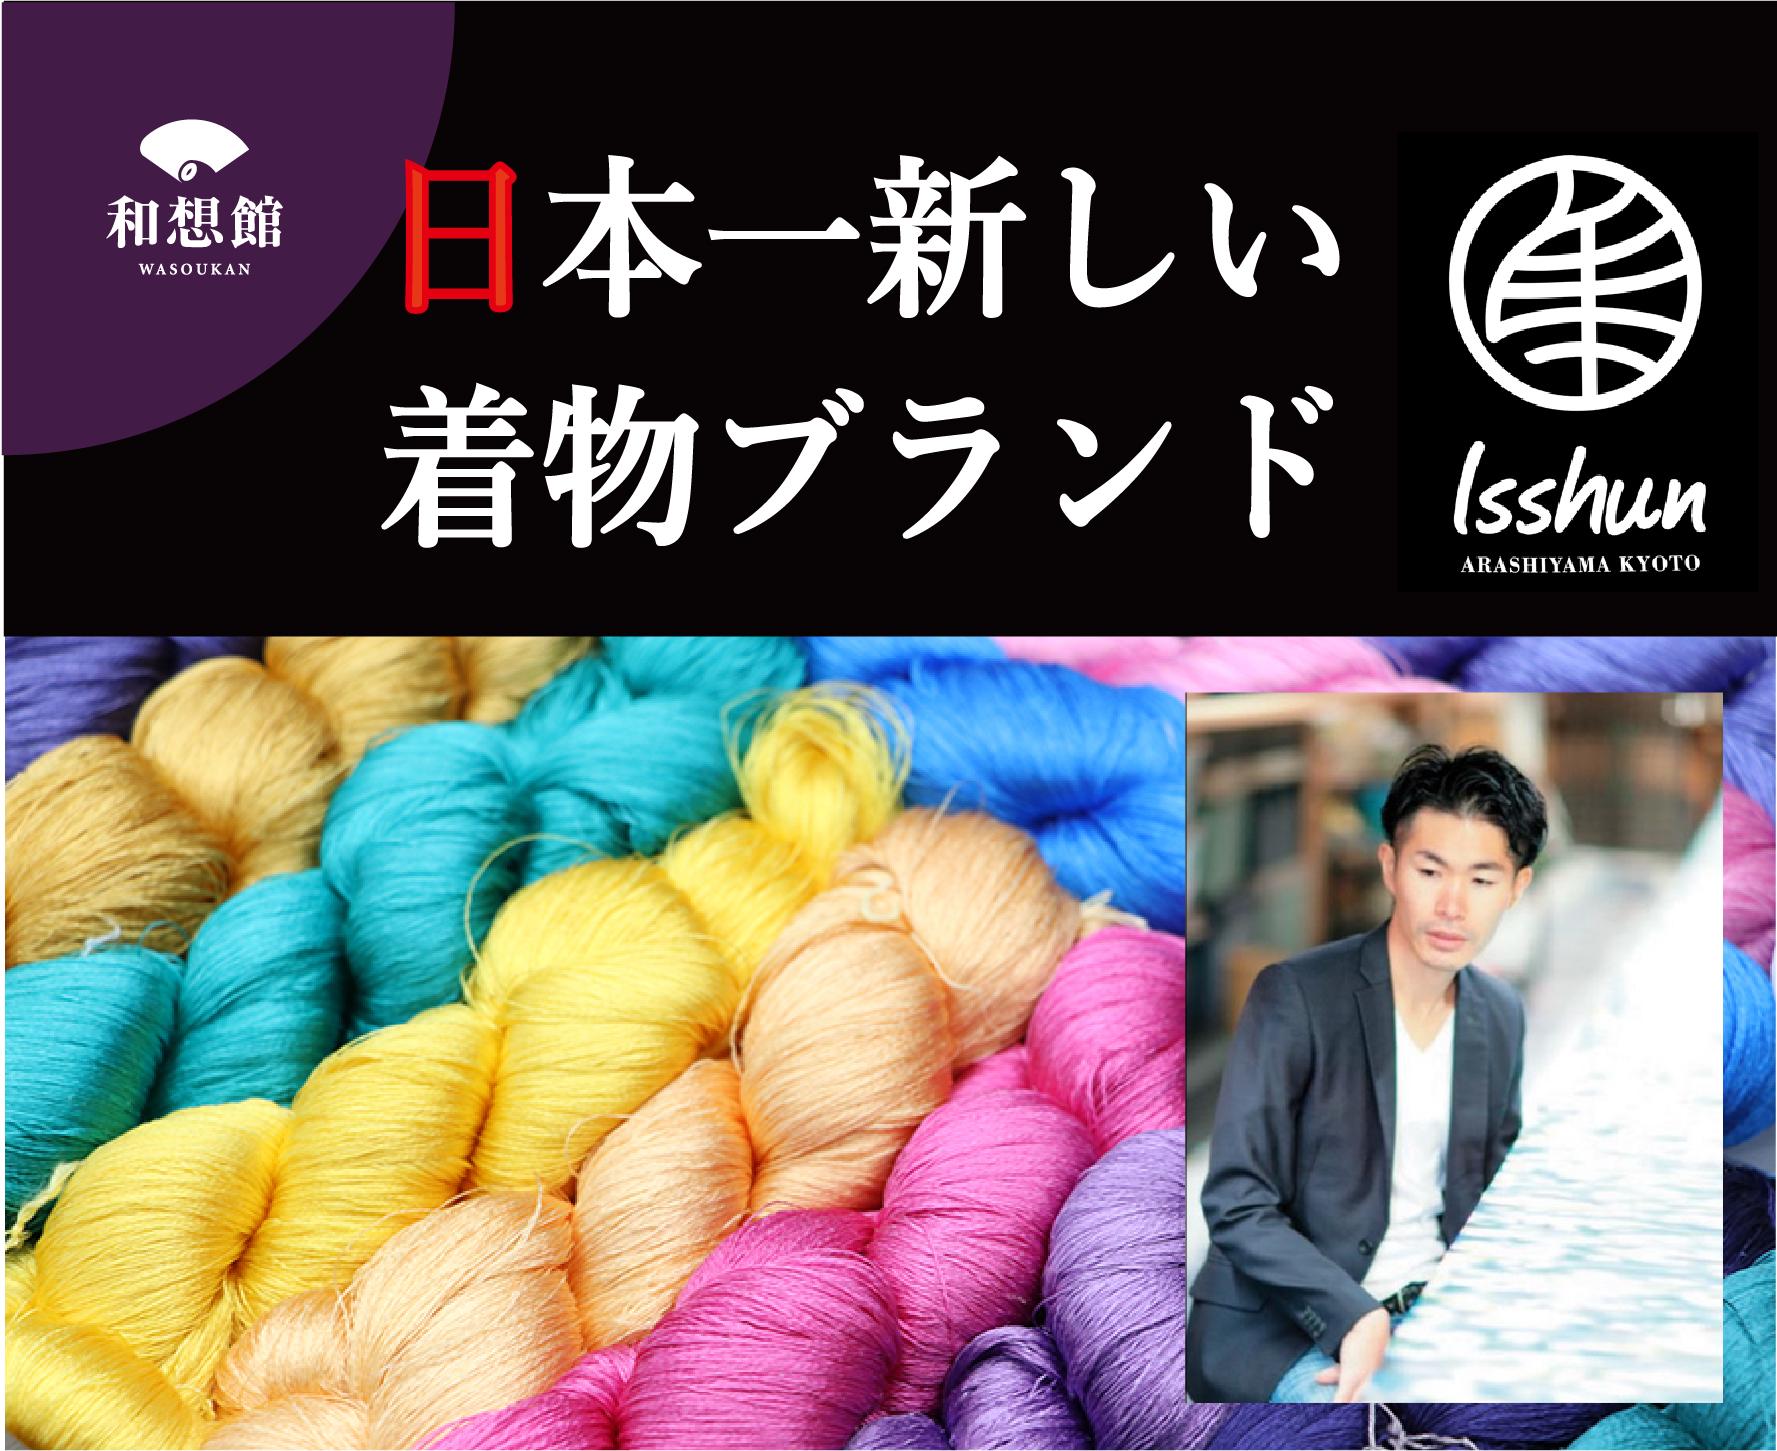 【浜田店】5月展示 一隼 ~日本一新しい着物ブランド~